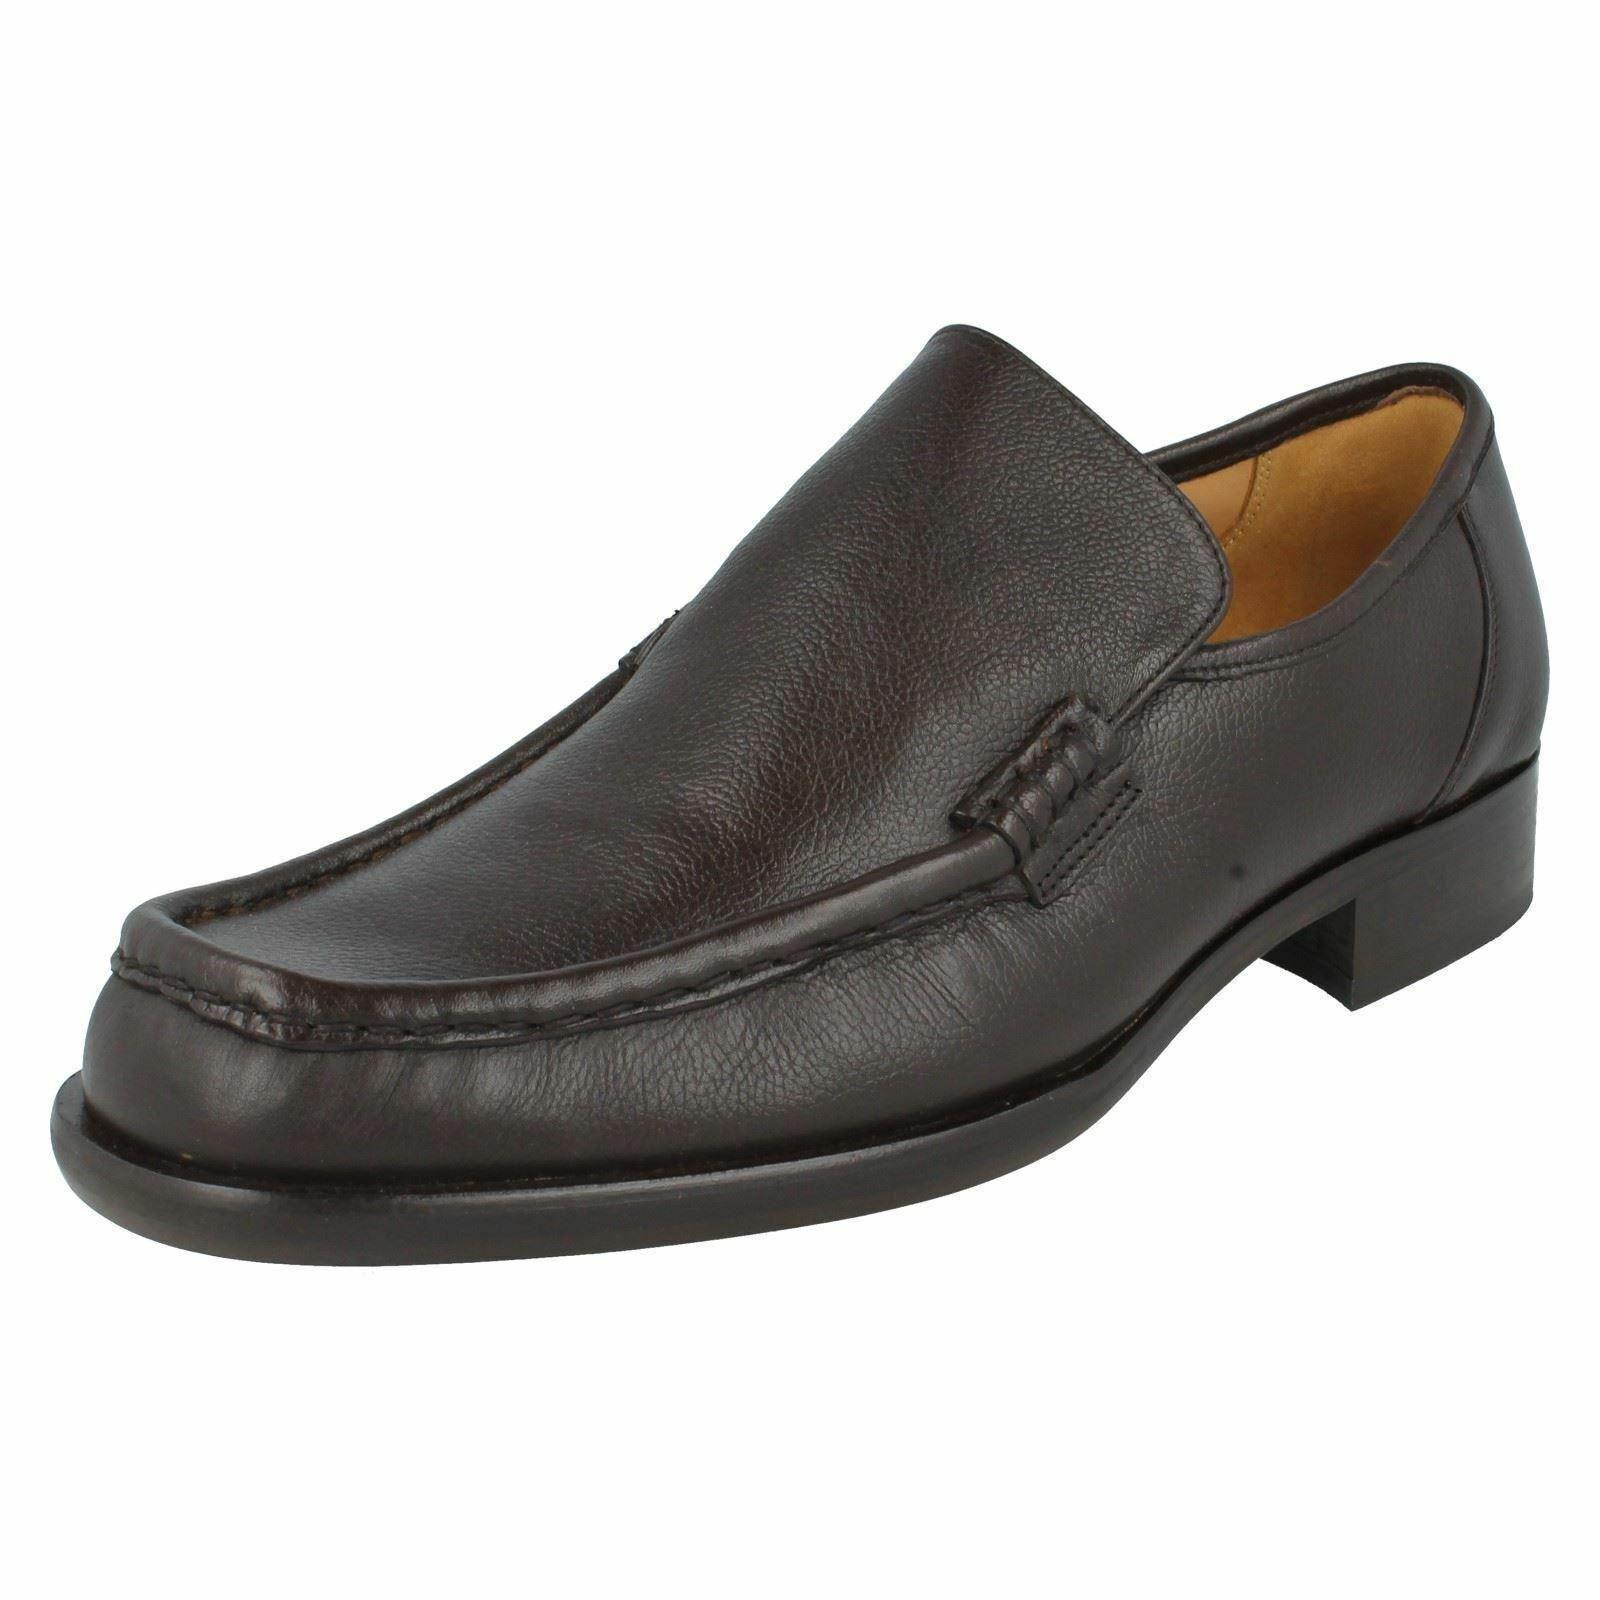 Grenson Mens Formal Slip On schuhe Dean 9637-39   | Trendy